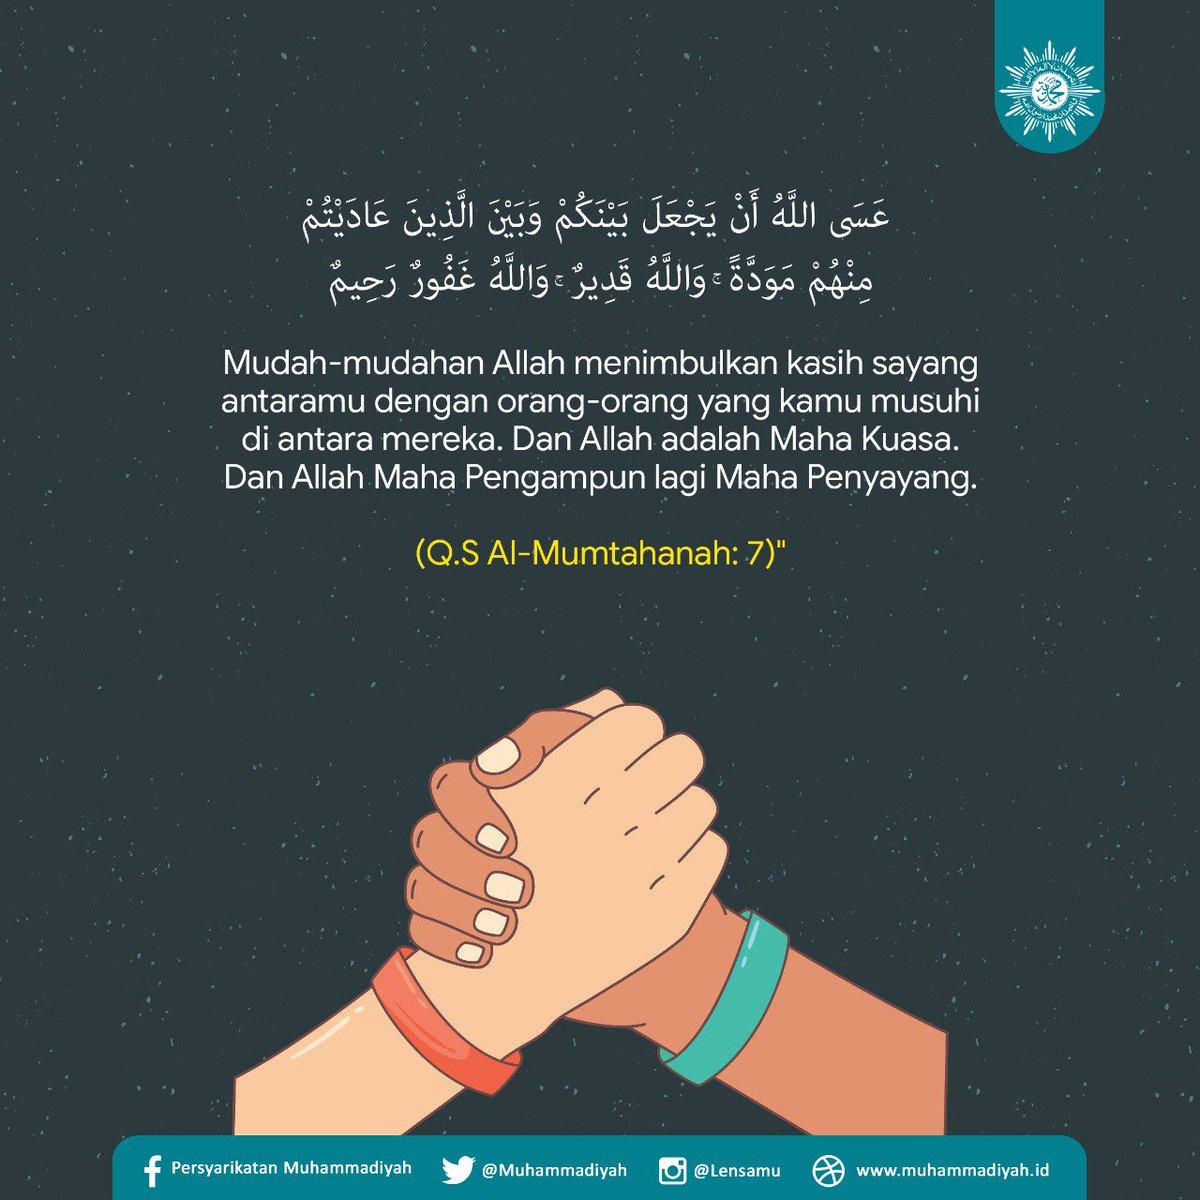 Muhammadiyah On Twitter Rasa Cinta Dan Kasih Sayang Tumbuh Dari Allah Subhanahuwata Ala Diantara Orang Orang Beriman Dan Orang Orang Musyrik Di Mana Allah Memberi Petunjuk Kepada Mereka Untuk Masuk Islam Sehingga Mereka Menjadi Saudara Saudara